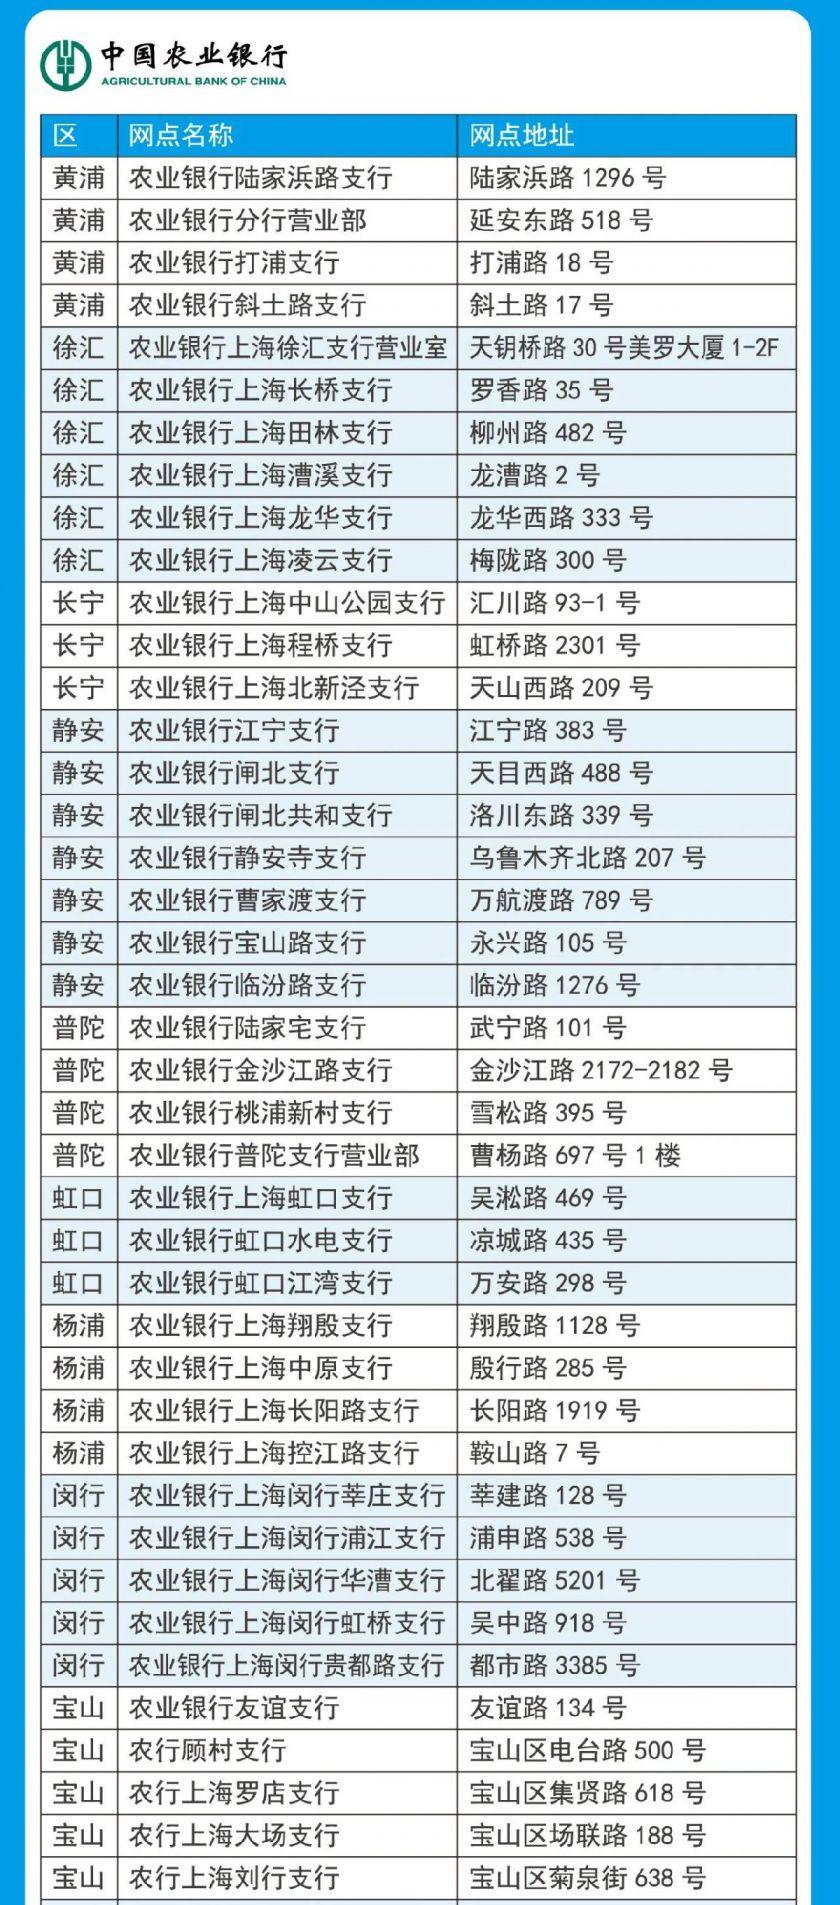 上海农业银行新社保卡更换网点一览